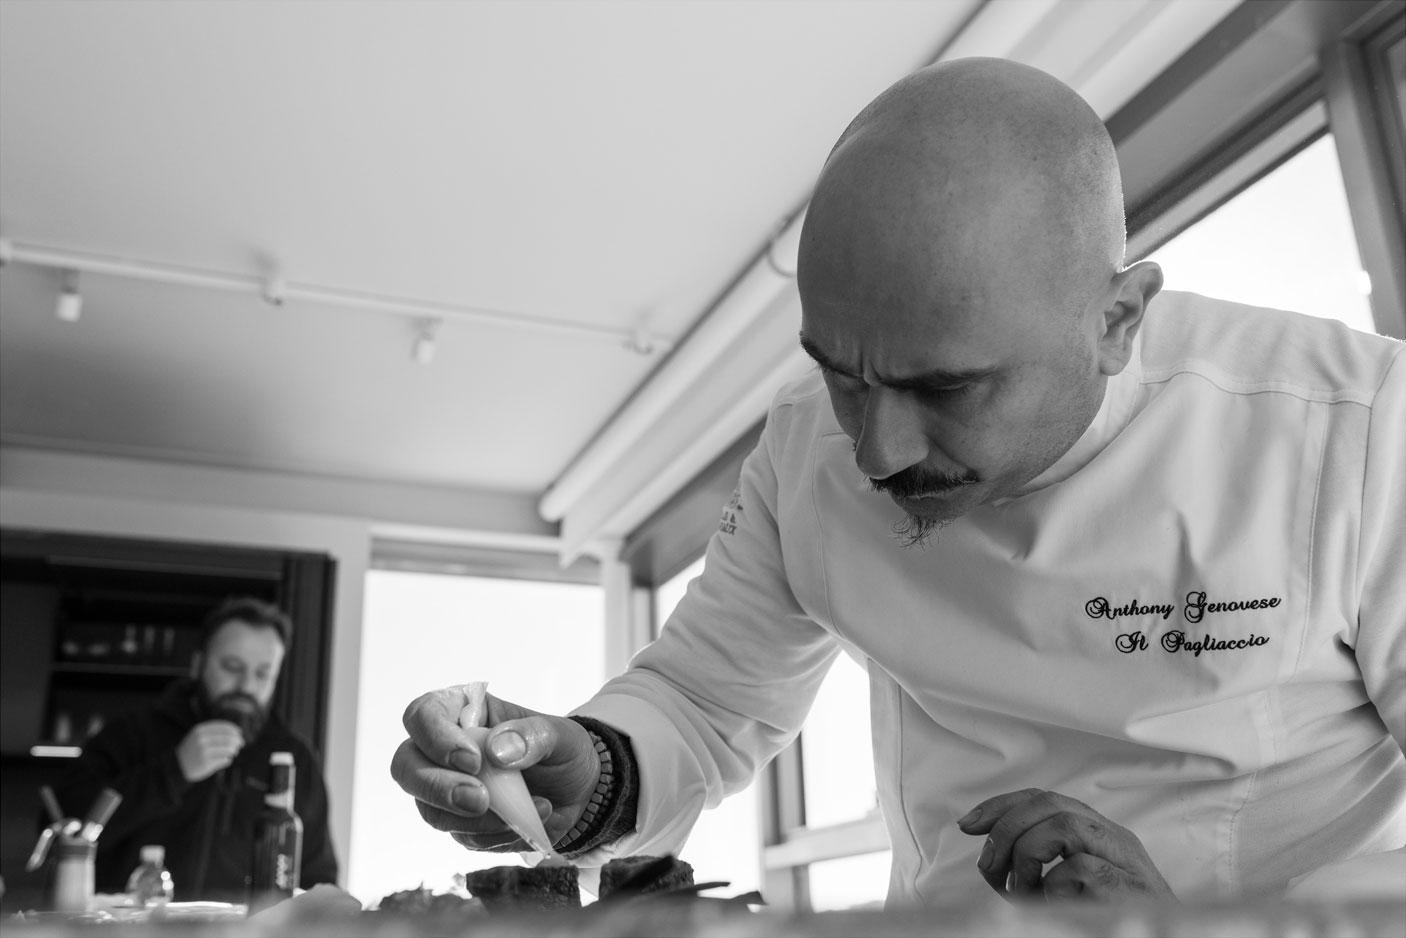 anthony-genovese-chef-il pagliaccio